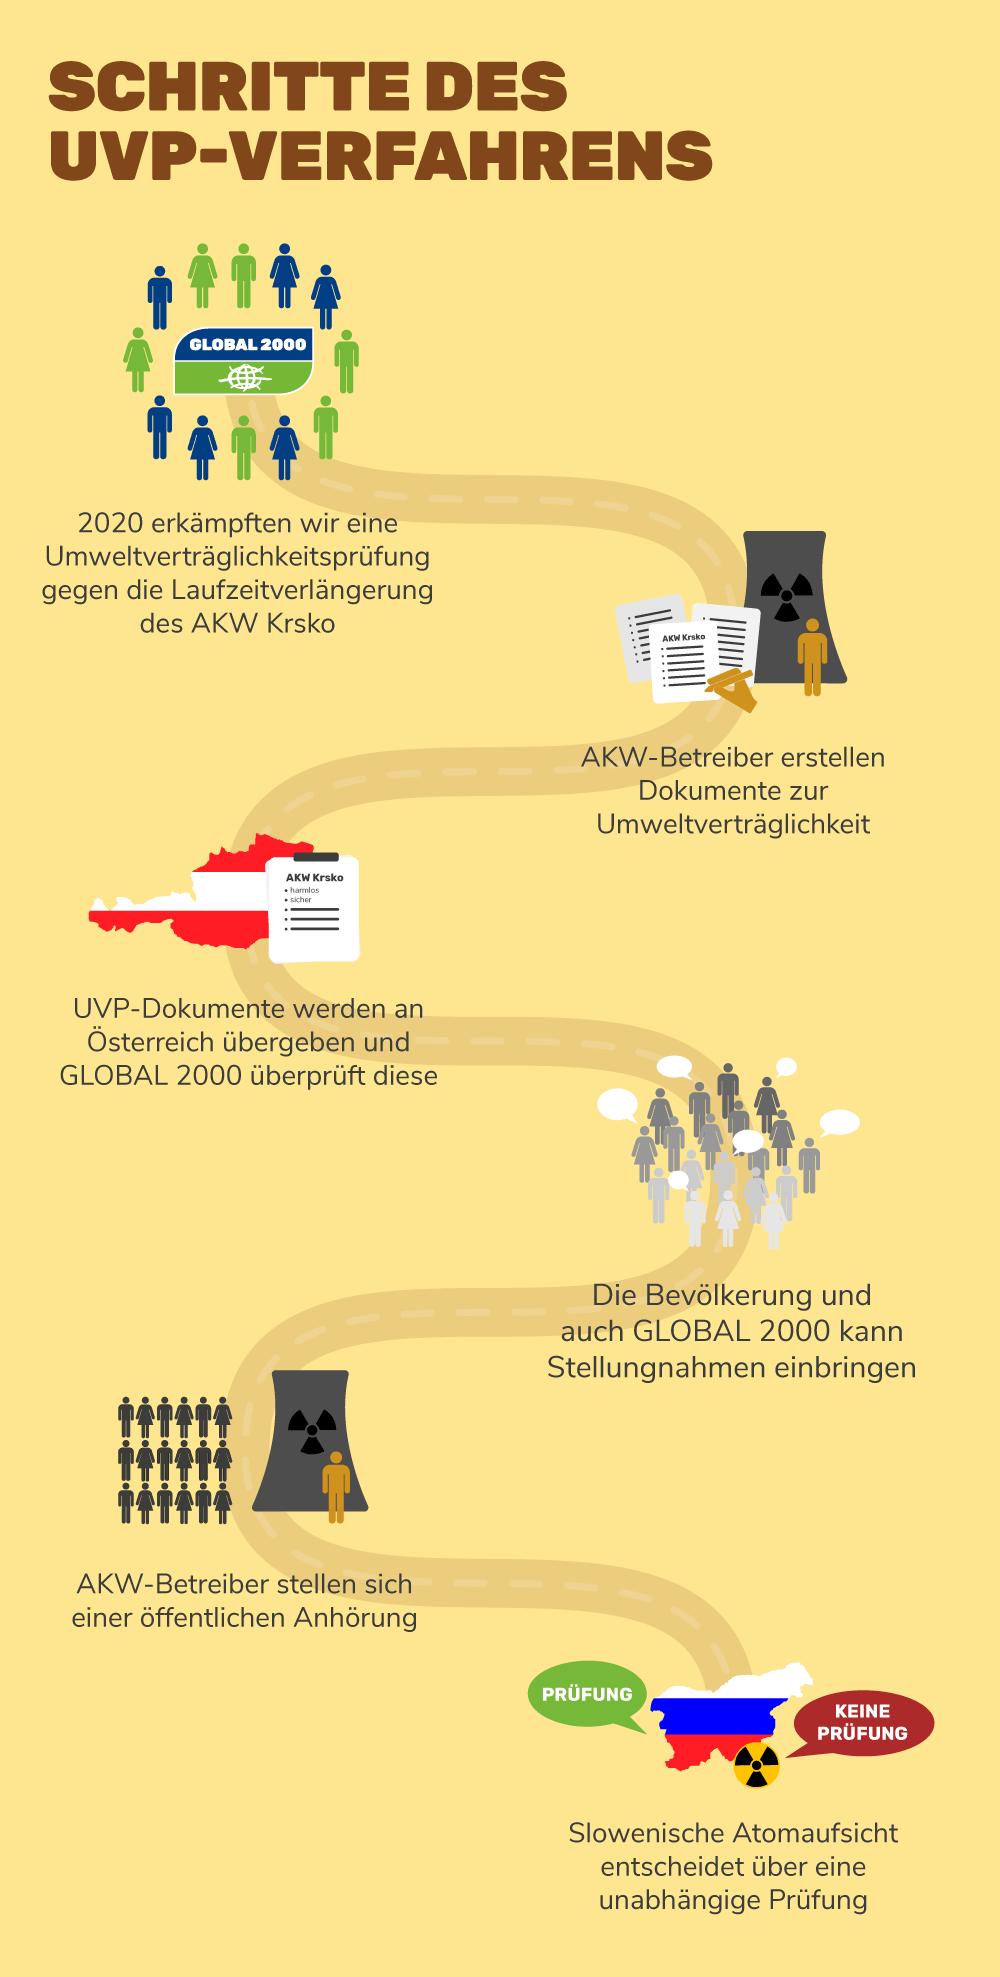 Schritte der UVP